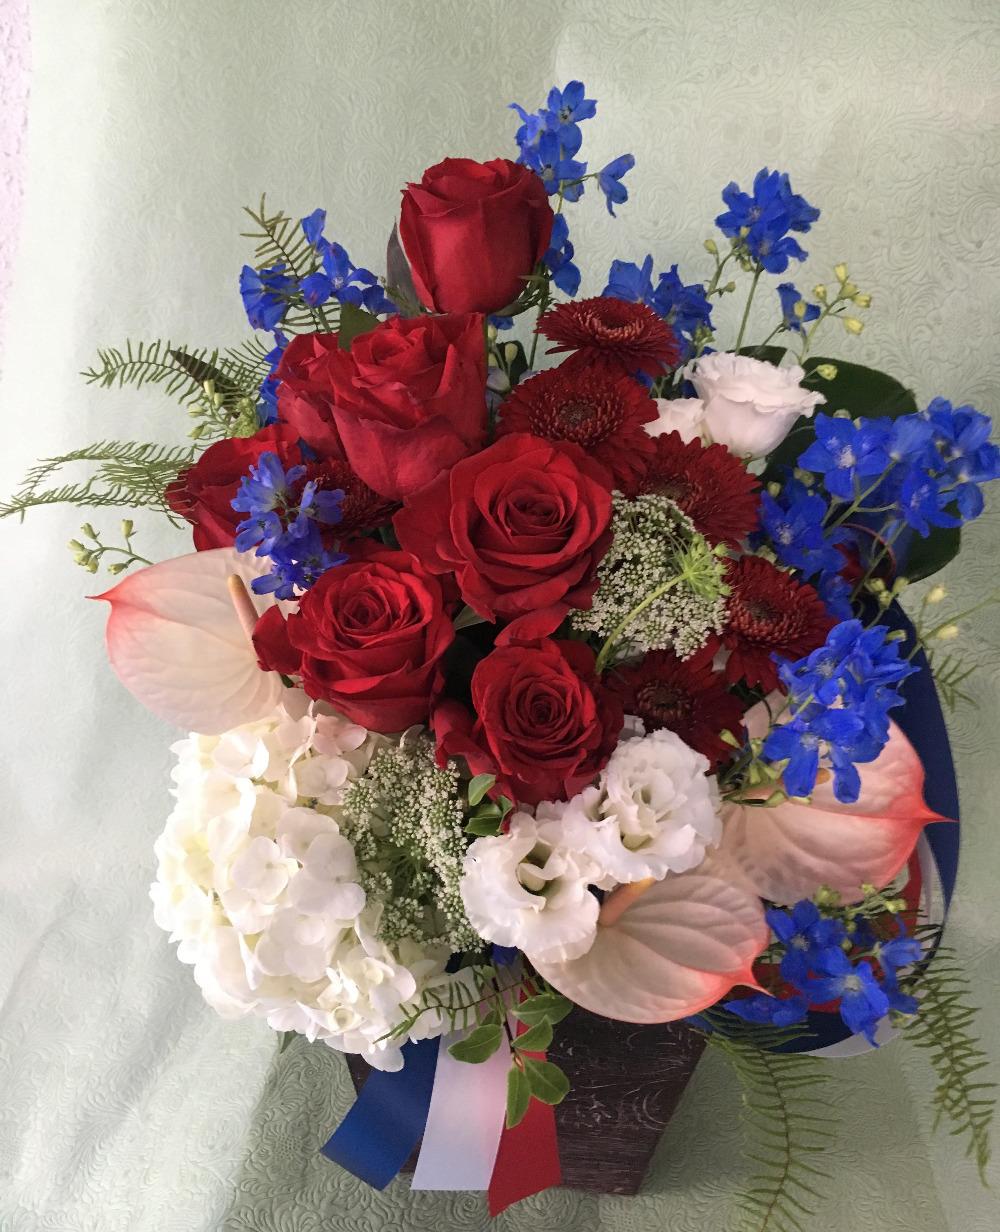 フランスカラーの法人様移転祝い花